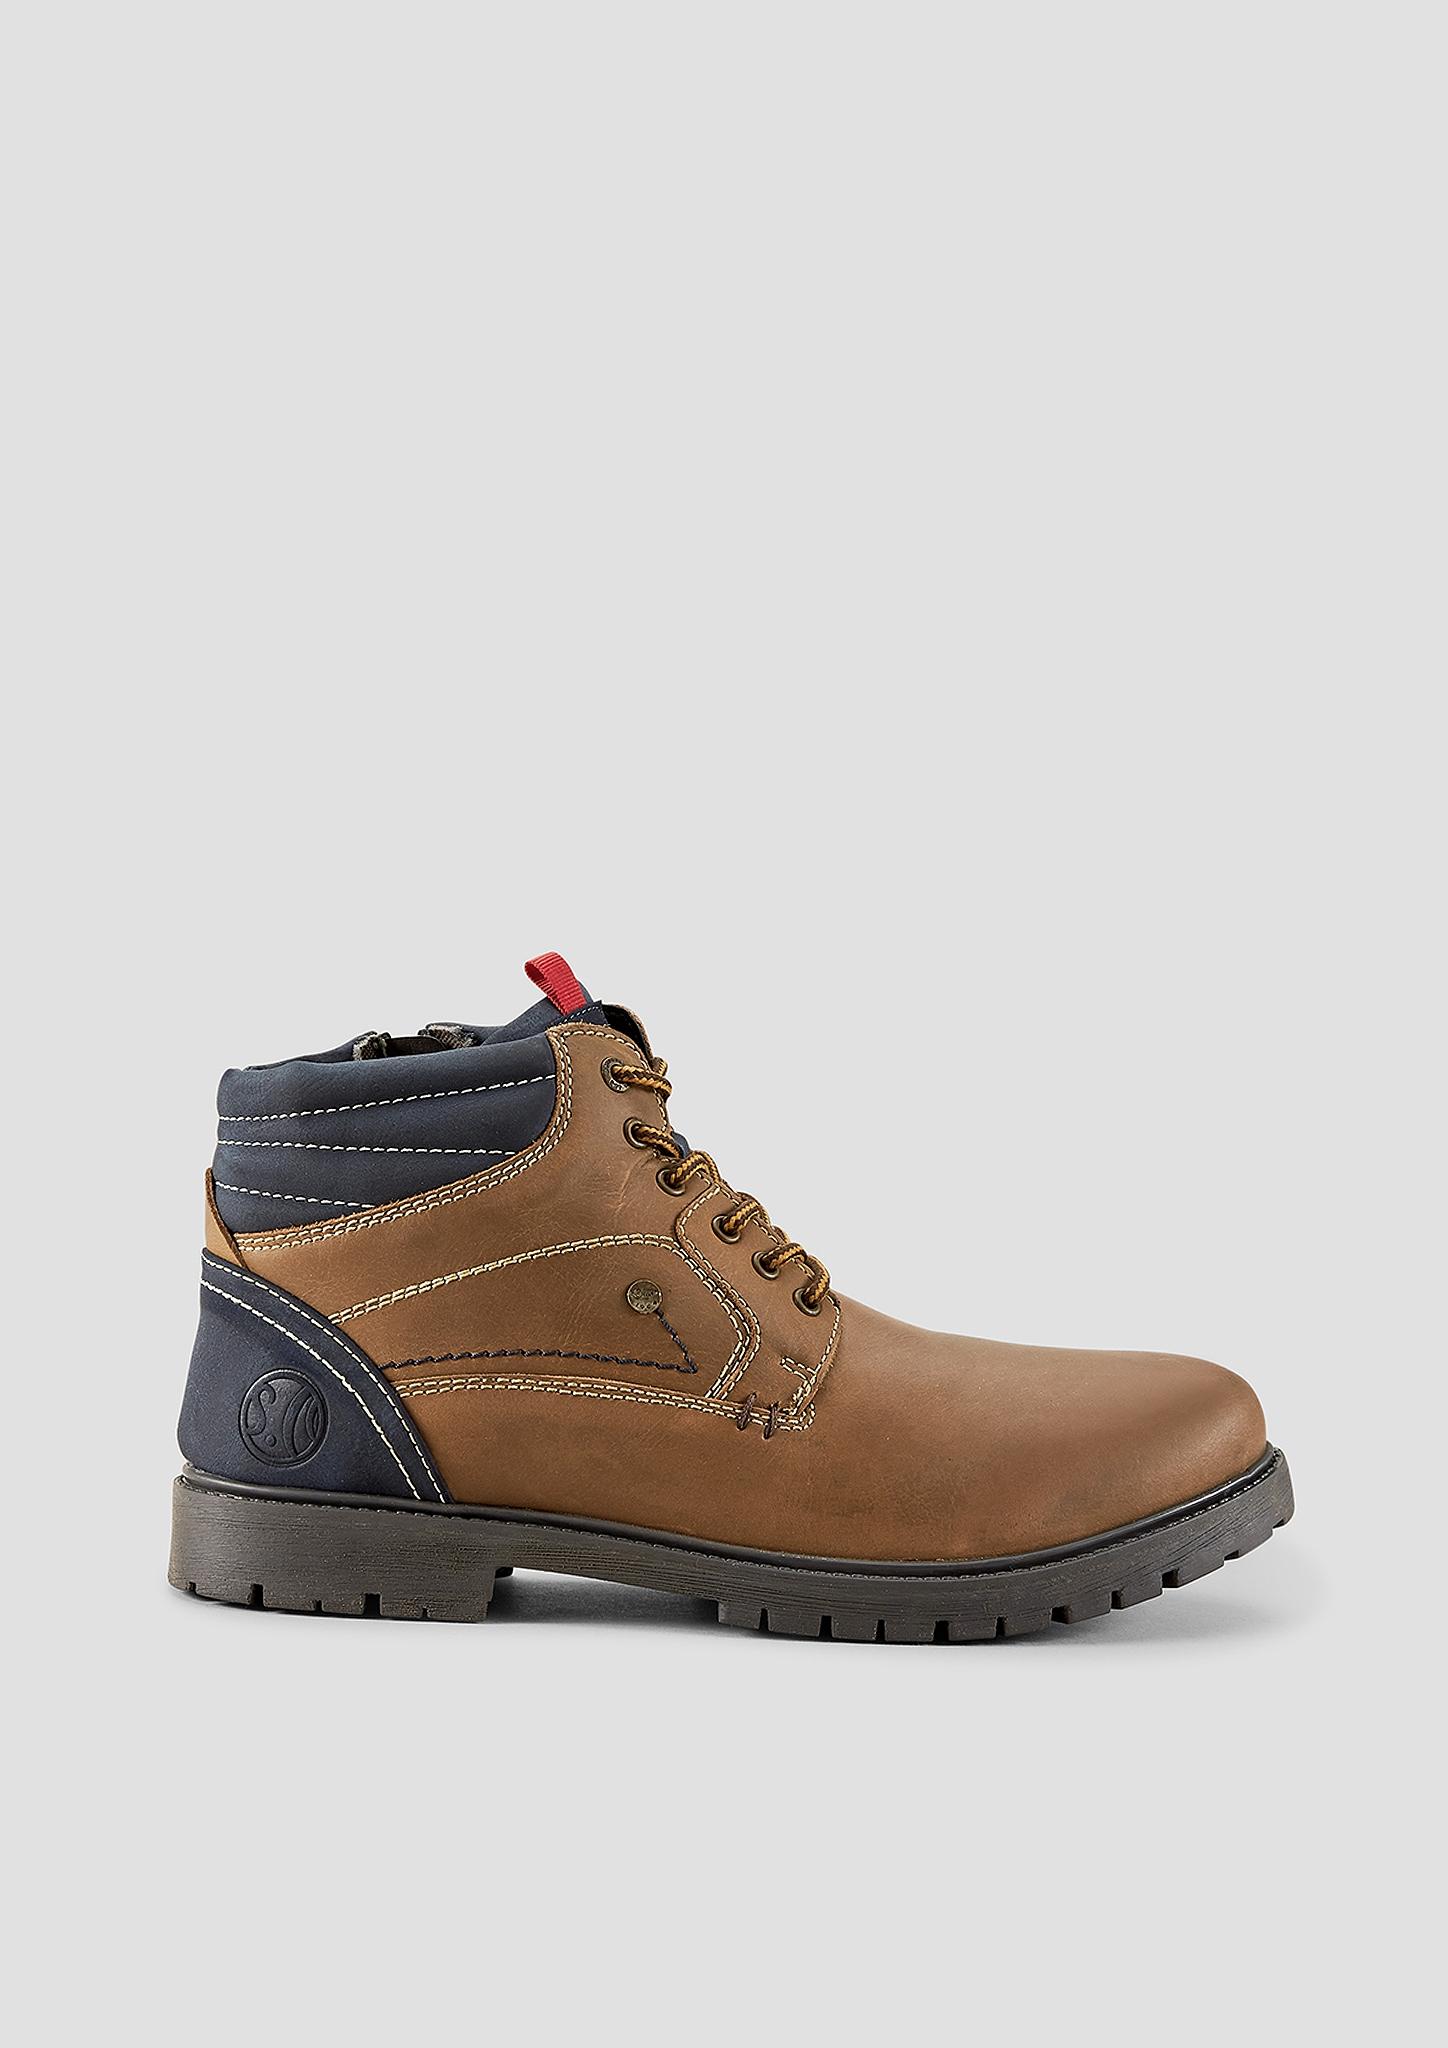 Stiefel | Schuhe | Braun | Obermaterial aus leder und textil| futter aus textil| decksohle aus textil und synthetik| laufsohle aus synthetik | s.Oliver